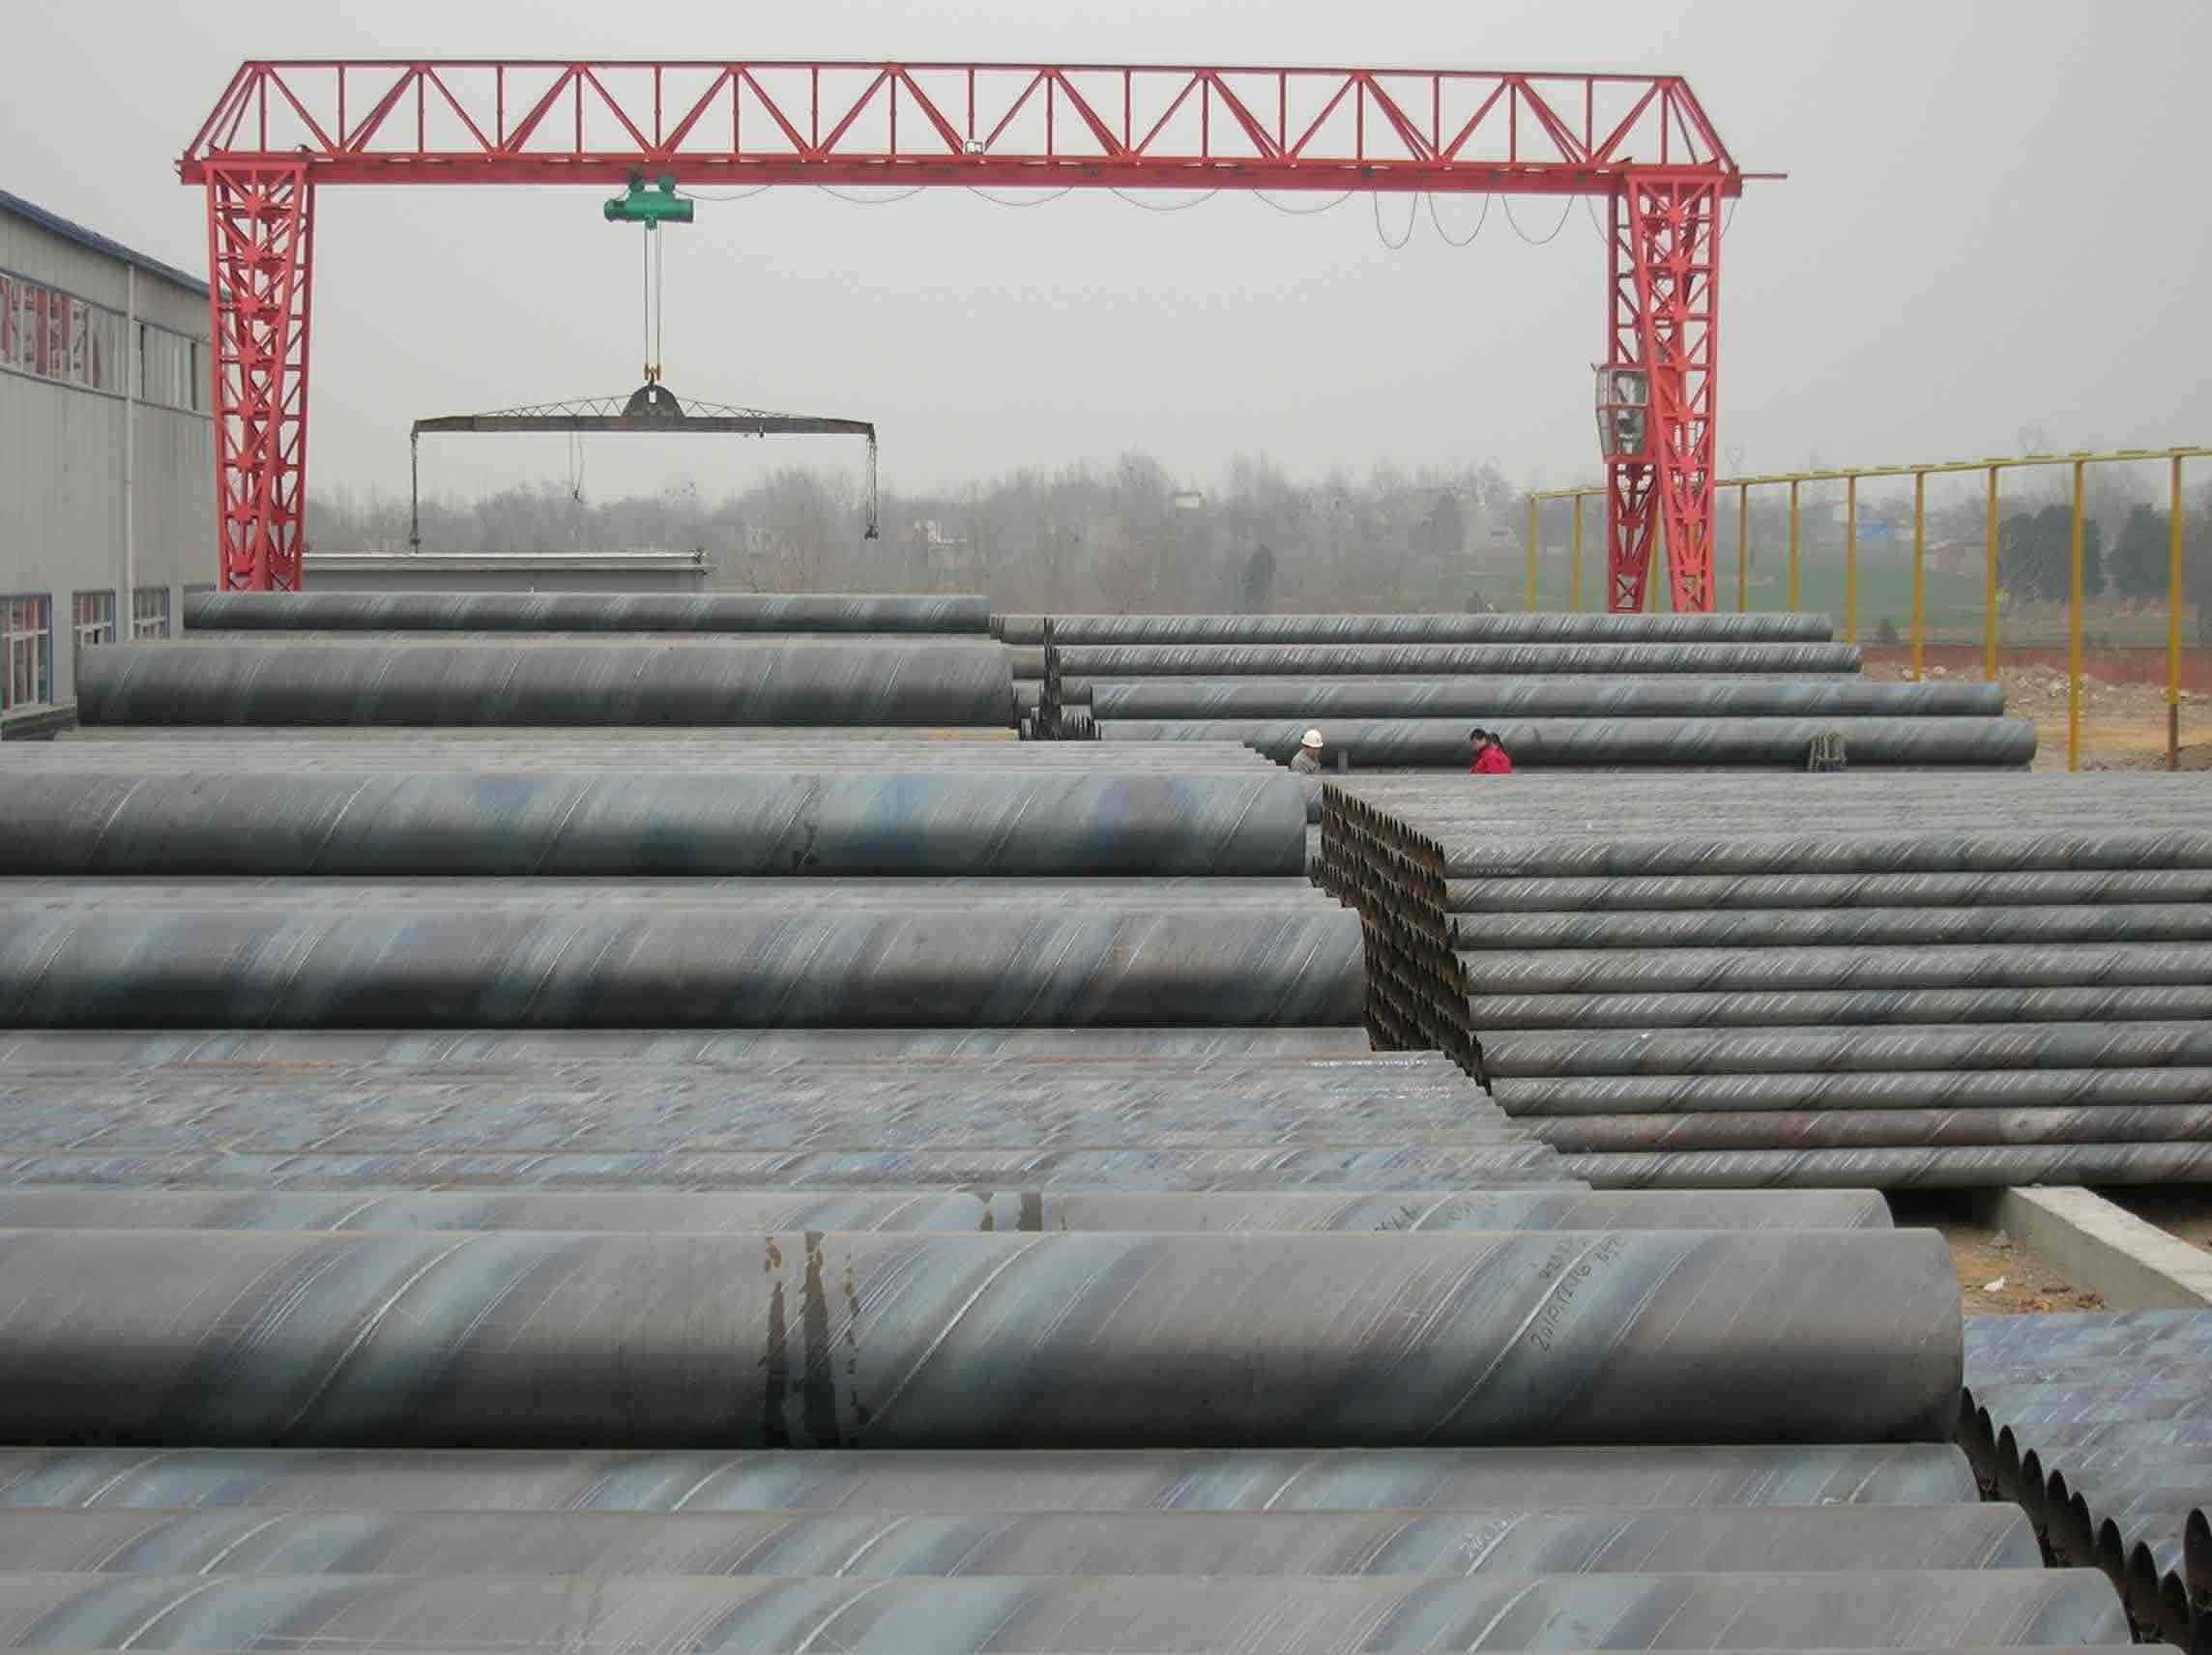 螺旋管规格天津螺旋管螺旋管厂家螺旋管价格表镀锌螺旋管螺旋管型